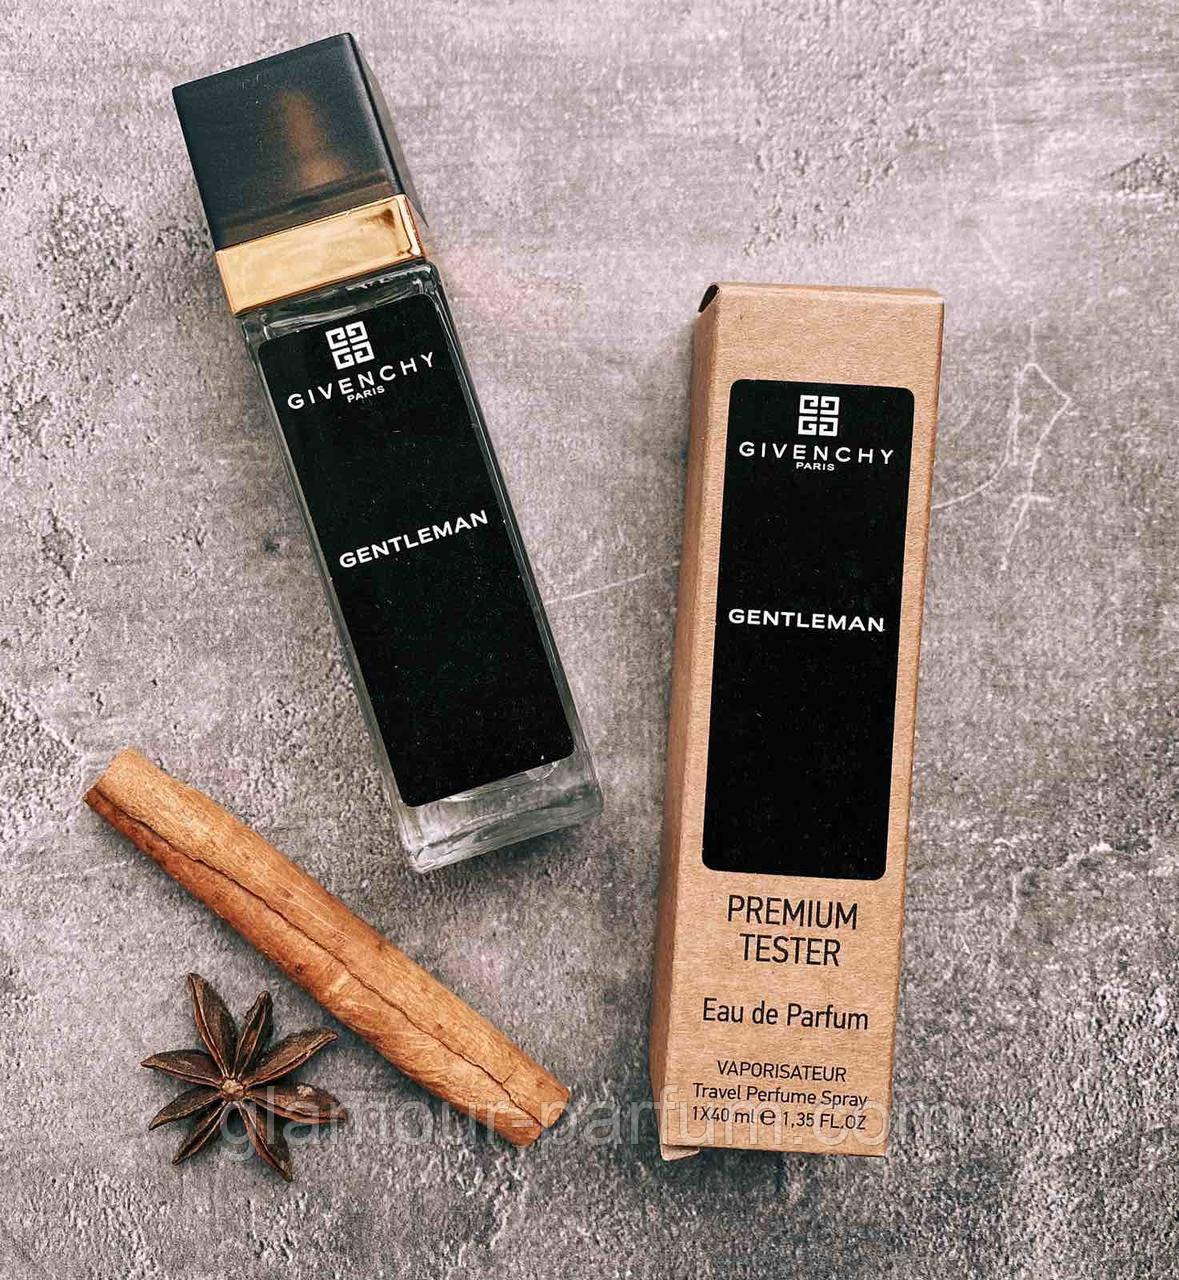 TESTER чоловічий міні-парфум Givenchy Gentleman (Живанши Джентельмен) 40мл репліка ОПТ